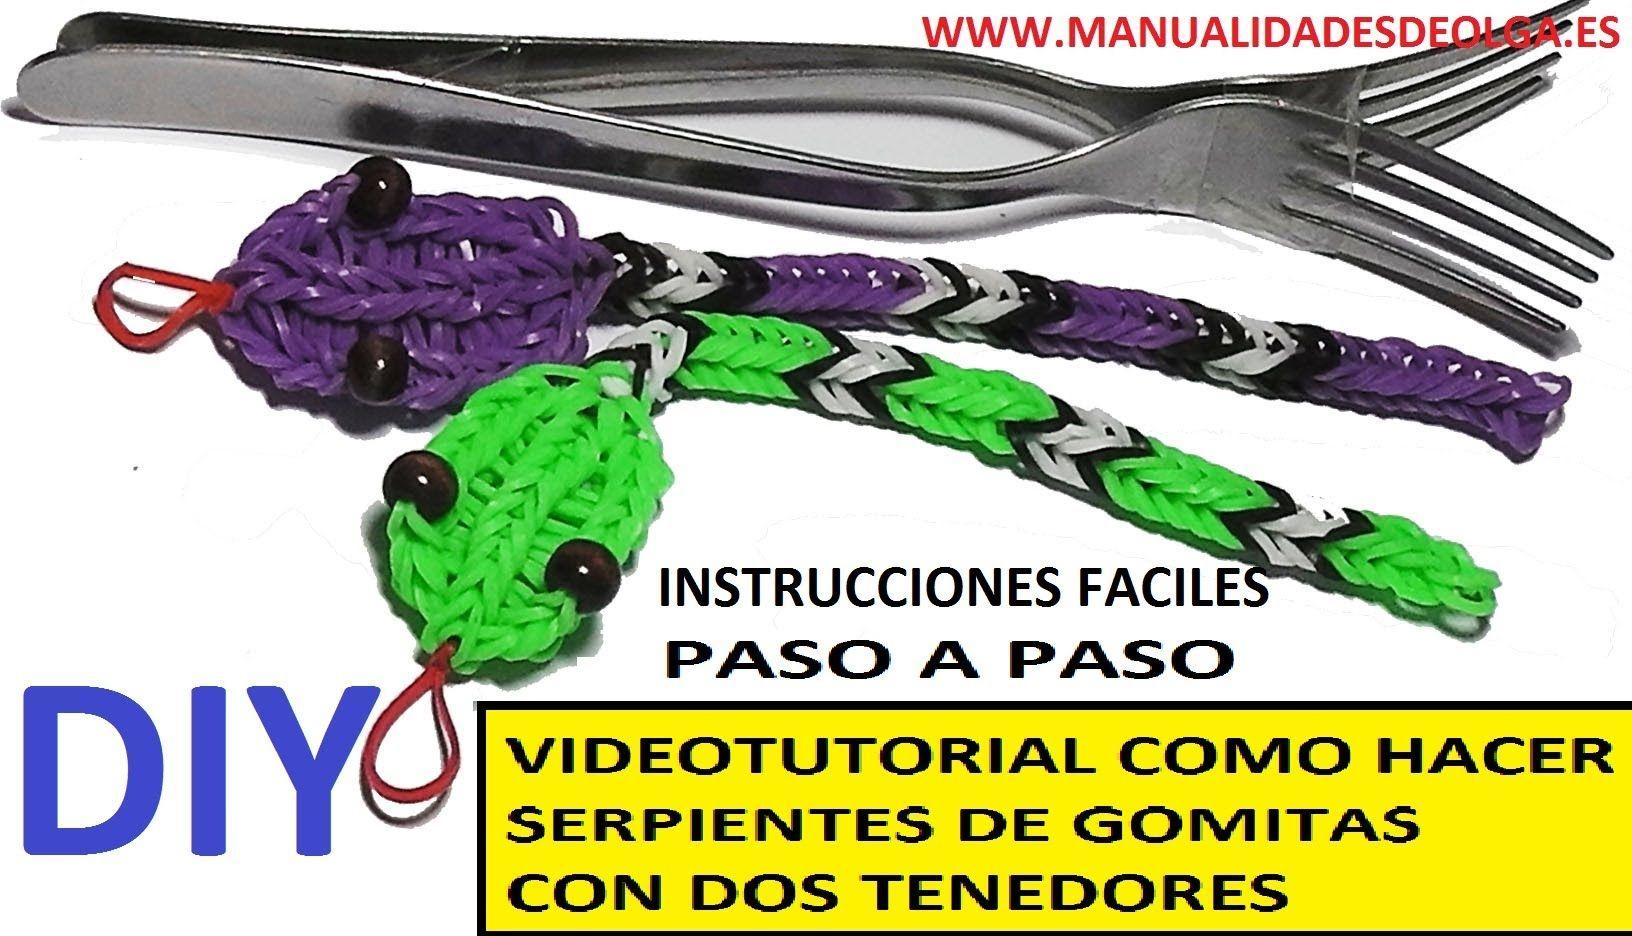 COMO HACER UNA SERPIENTE DE GOMITAS CON DOS TENEDORES VIDEO